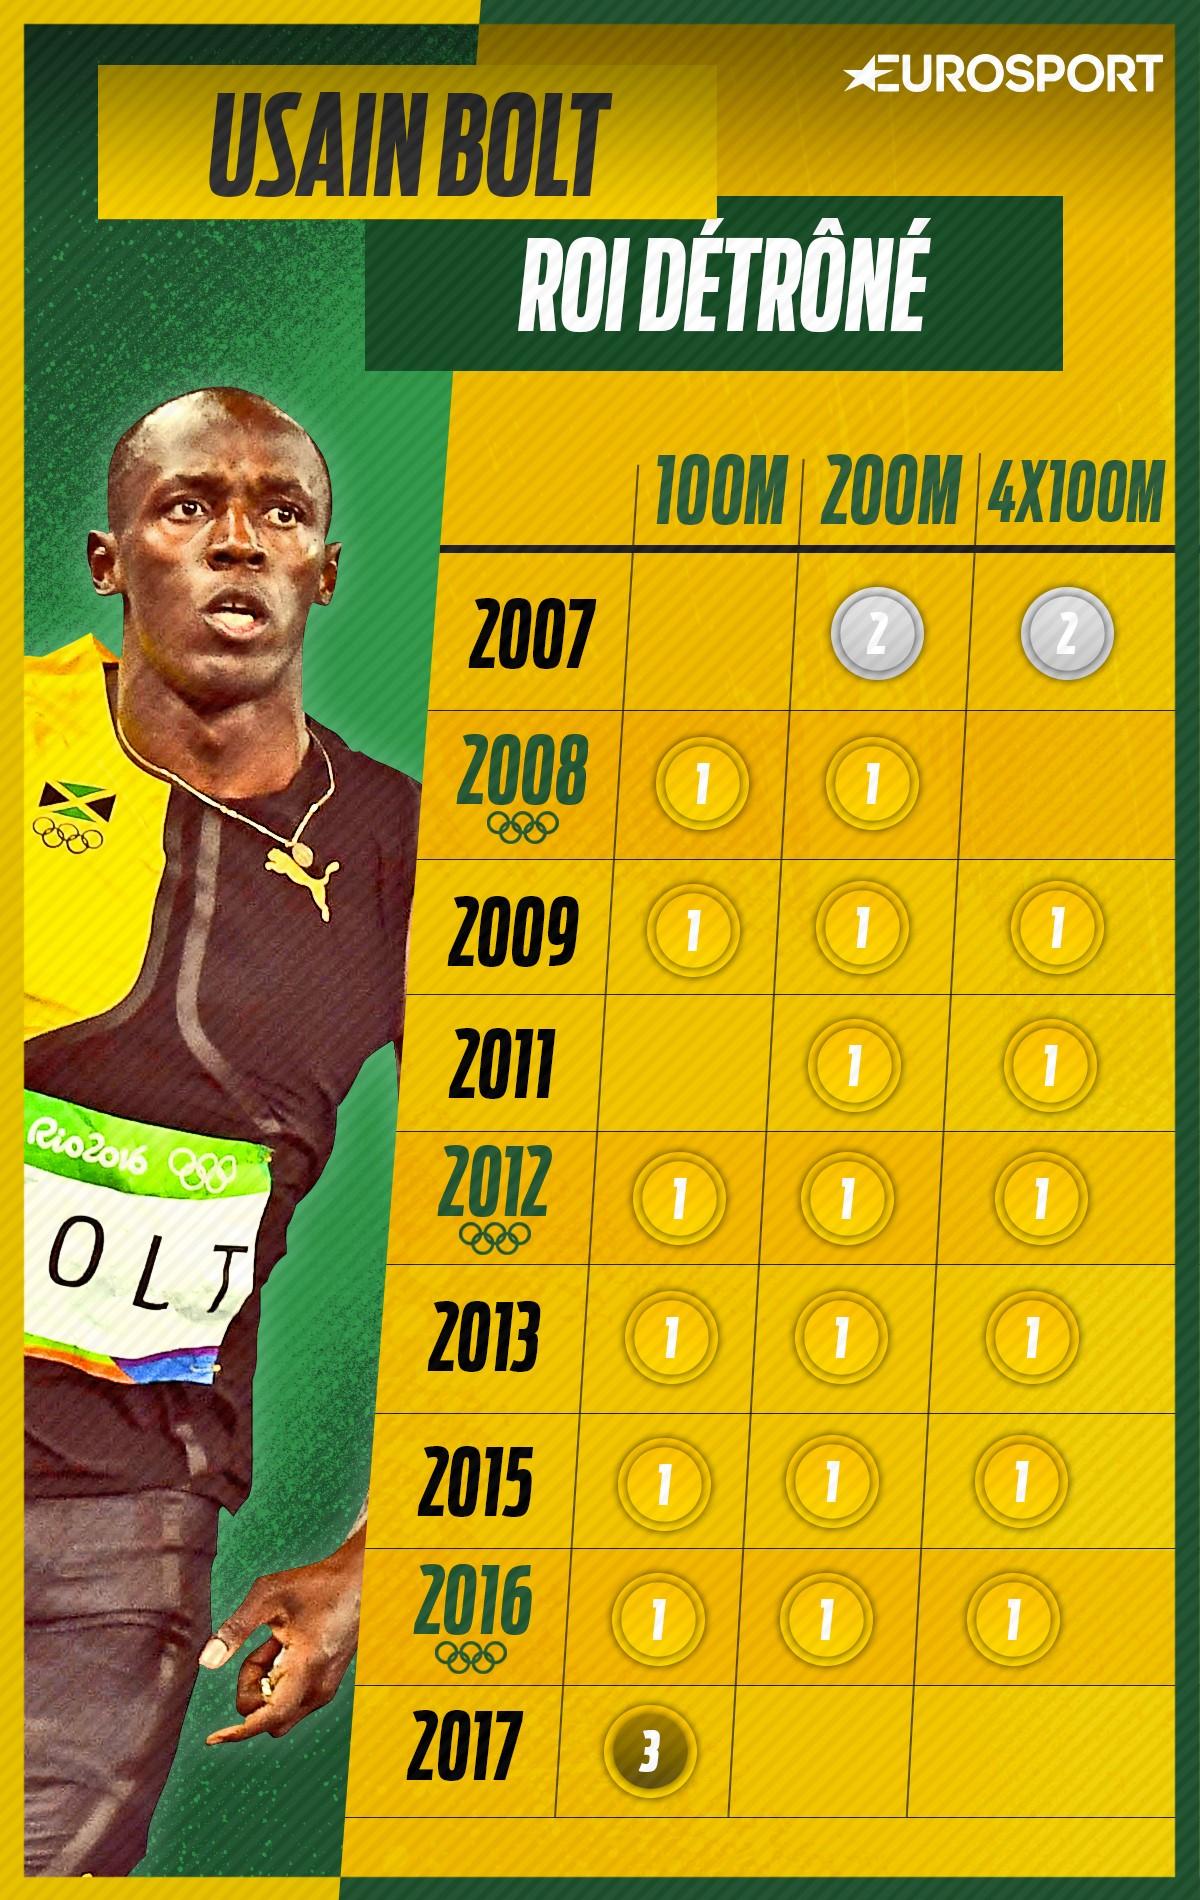 Le palmarès de Bolt en grand championnat